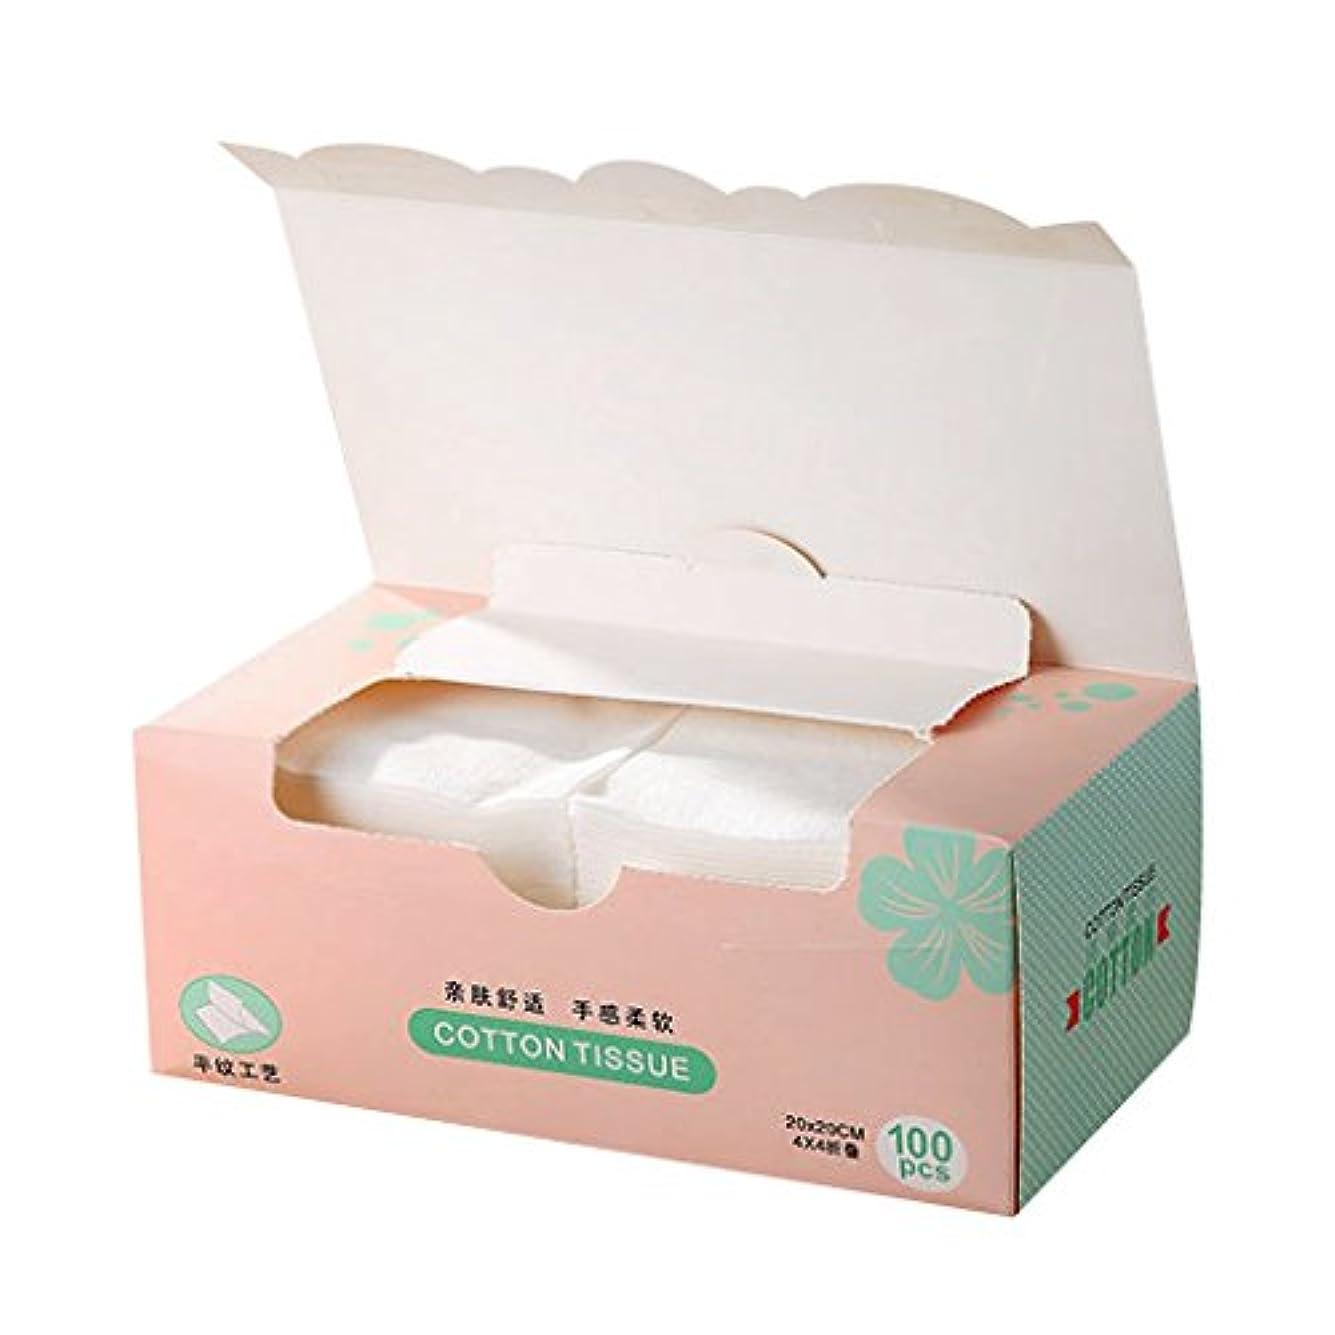 シルク演じるために顔用タオル 使い捨て メイクリムーバー タオル 旅行用 来客用 便利